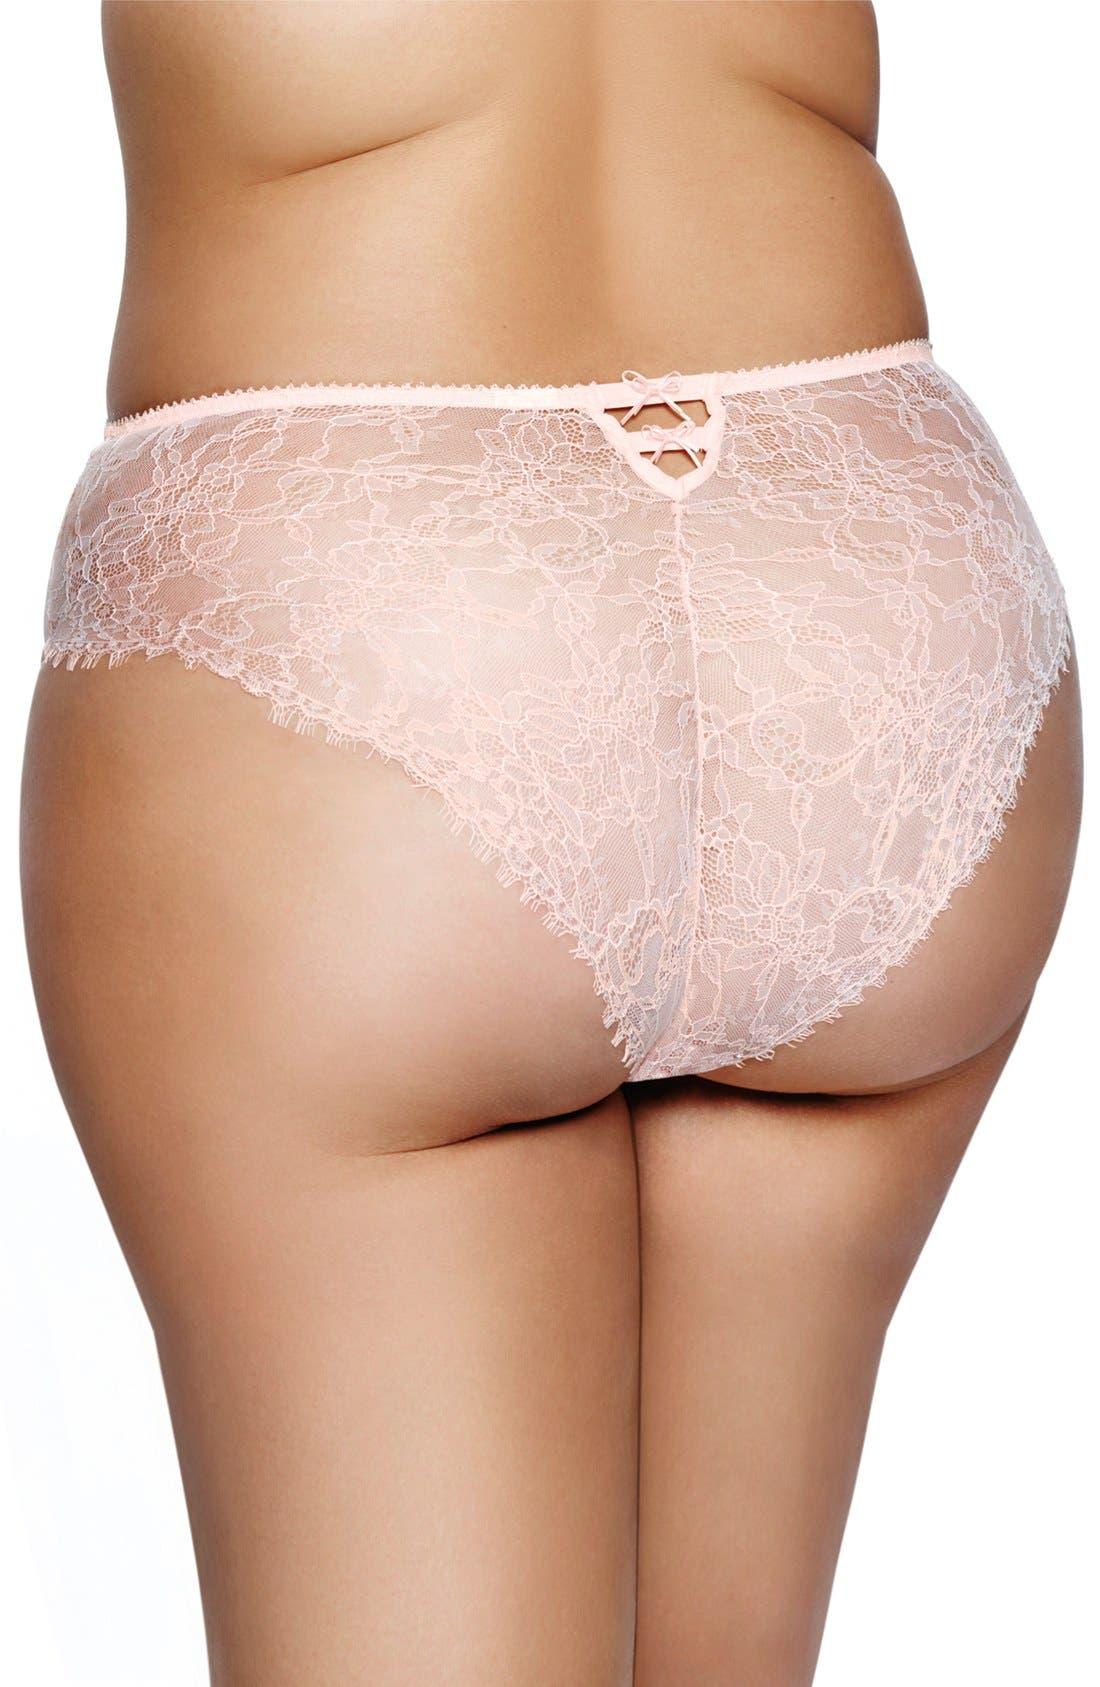 Alternate Image 2  - Ashley Graham 'Basic' Lace Back Briefs(Plus Size)